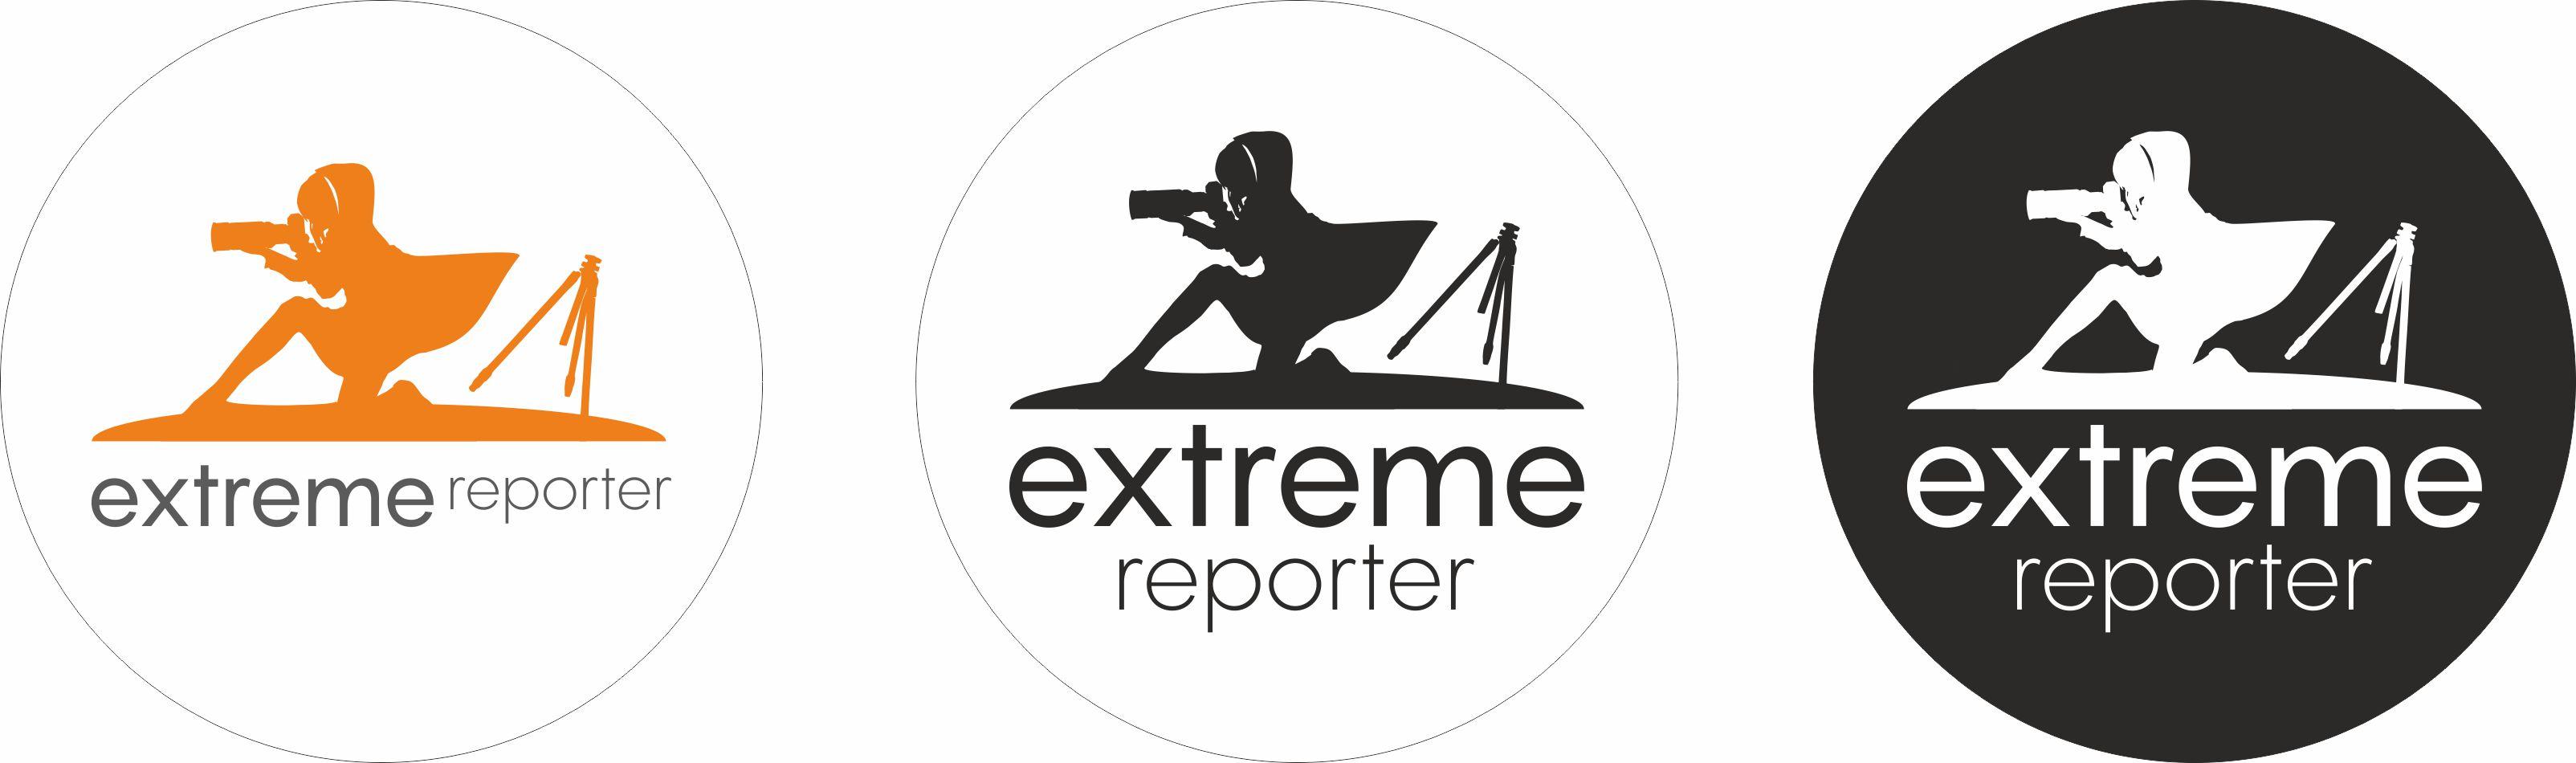 Логотип для экстрим фотографа.  фото f_1325a54c94bdd8bf.jpg